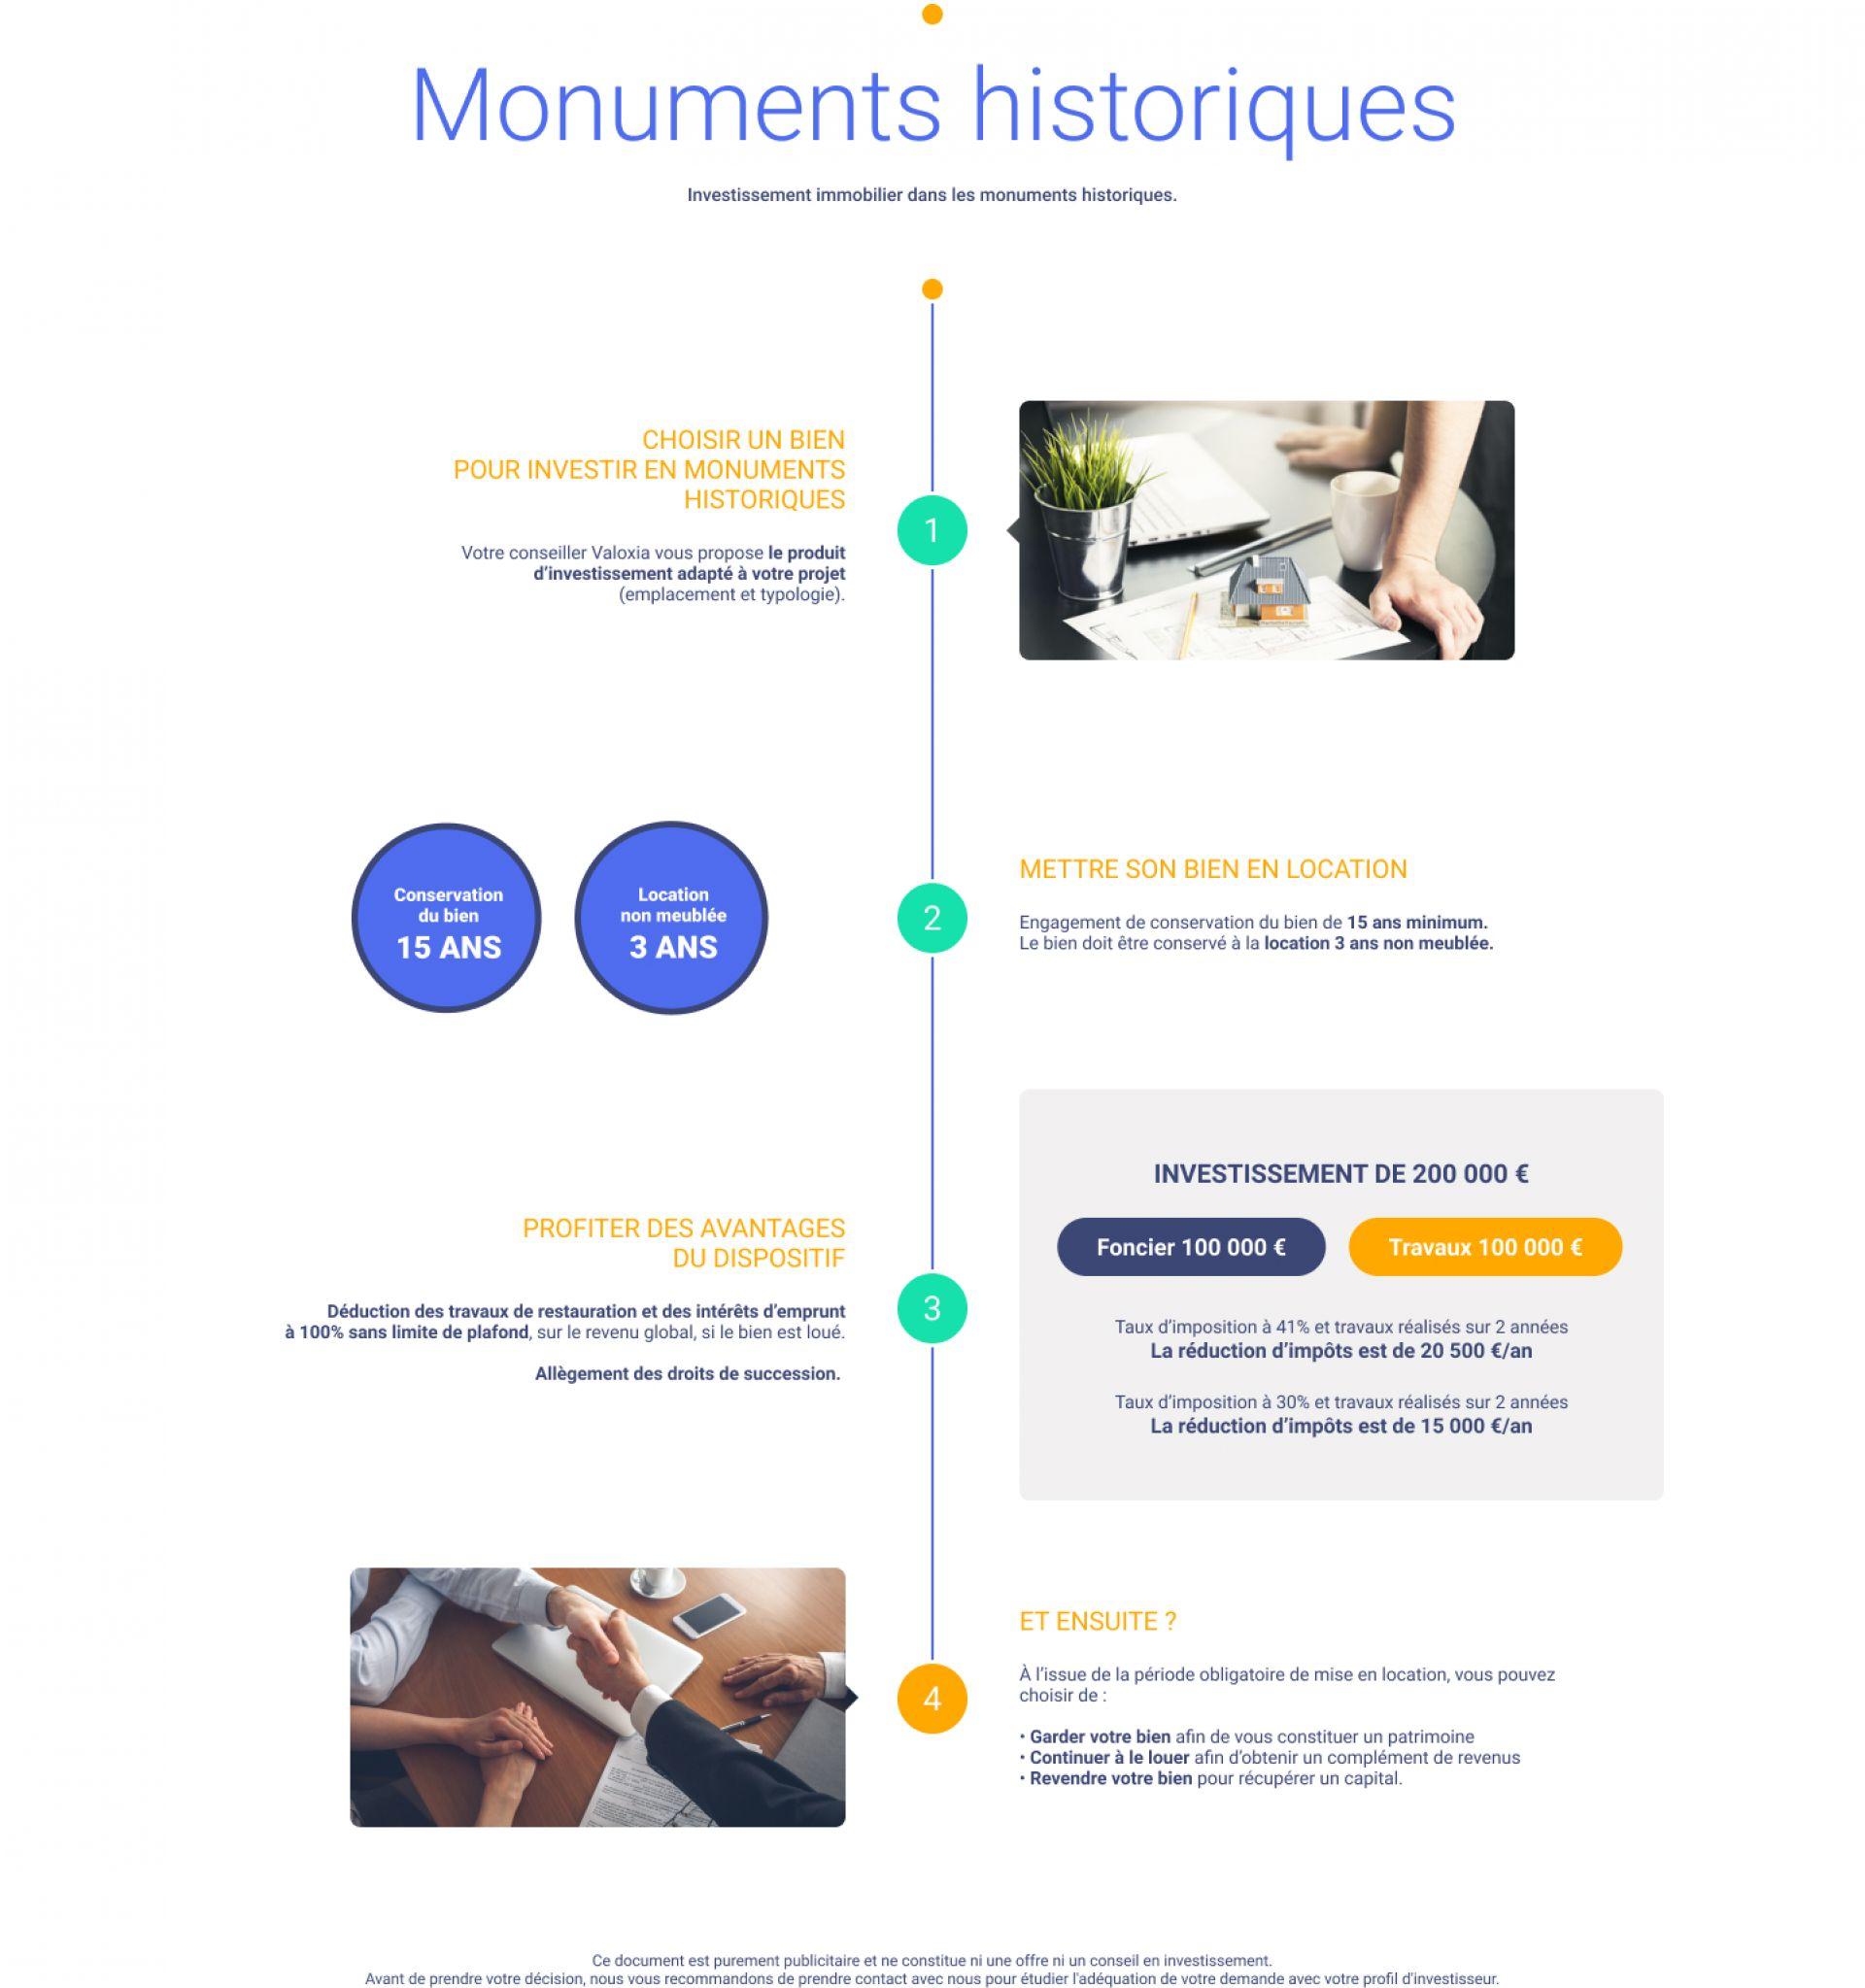 Monuments Historiques - Image 2